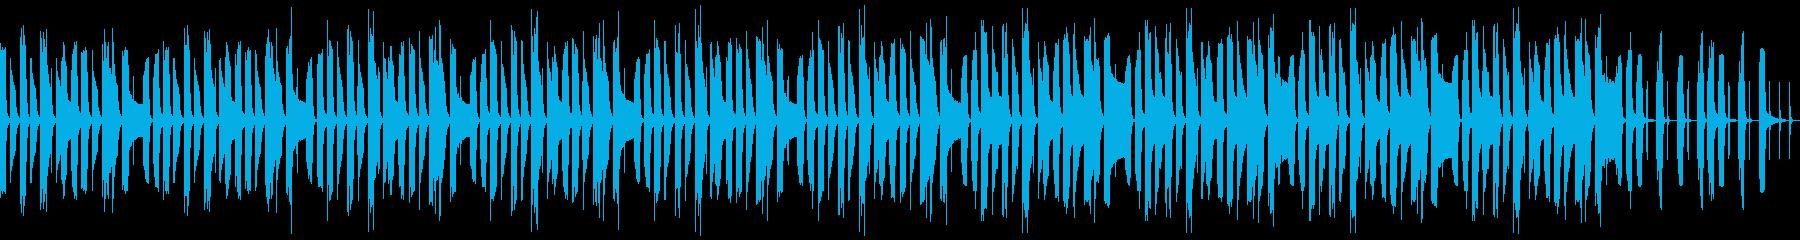 マリンバの可愛くて愉快な曲(ループ)の再生済みの波形